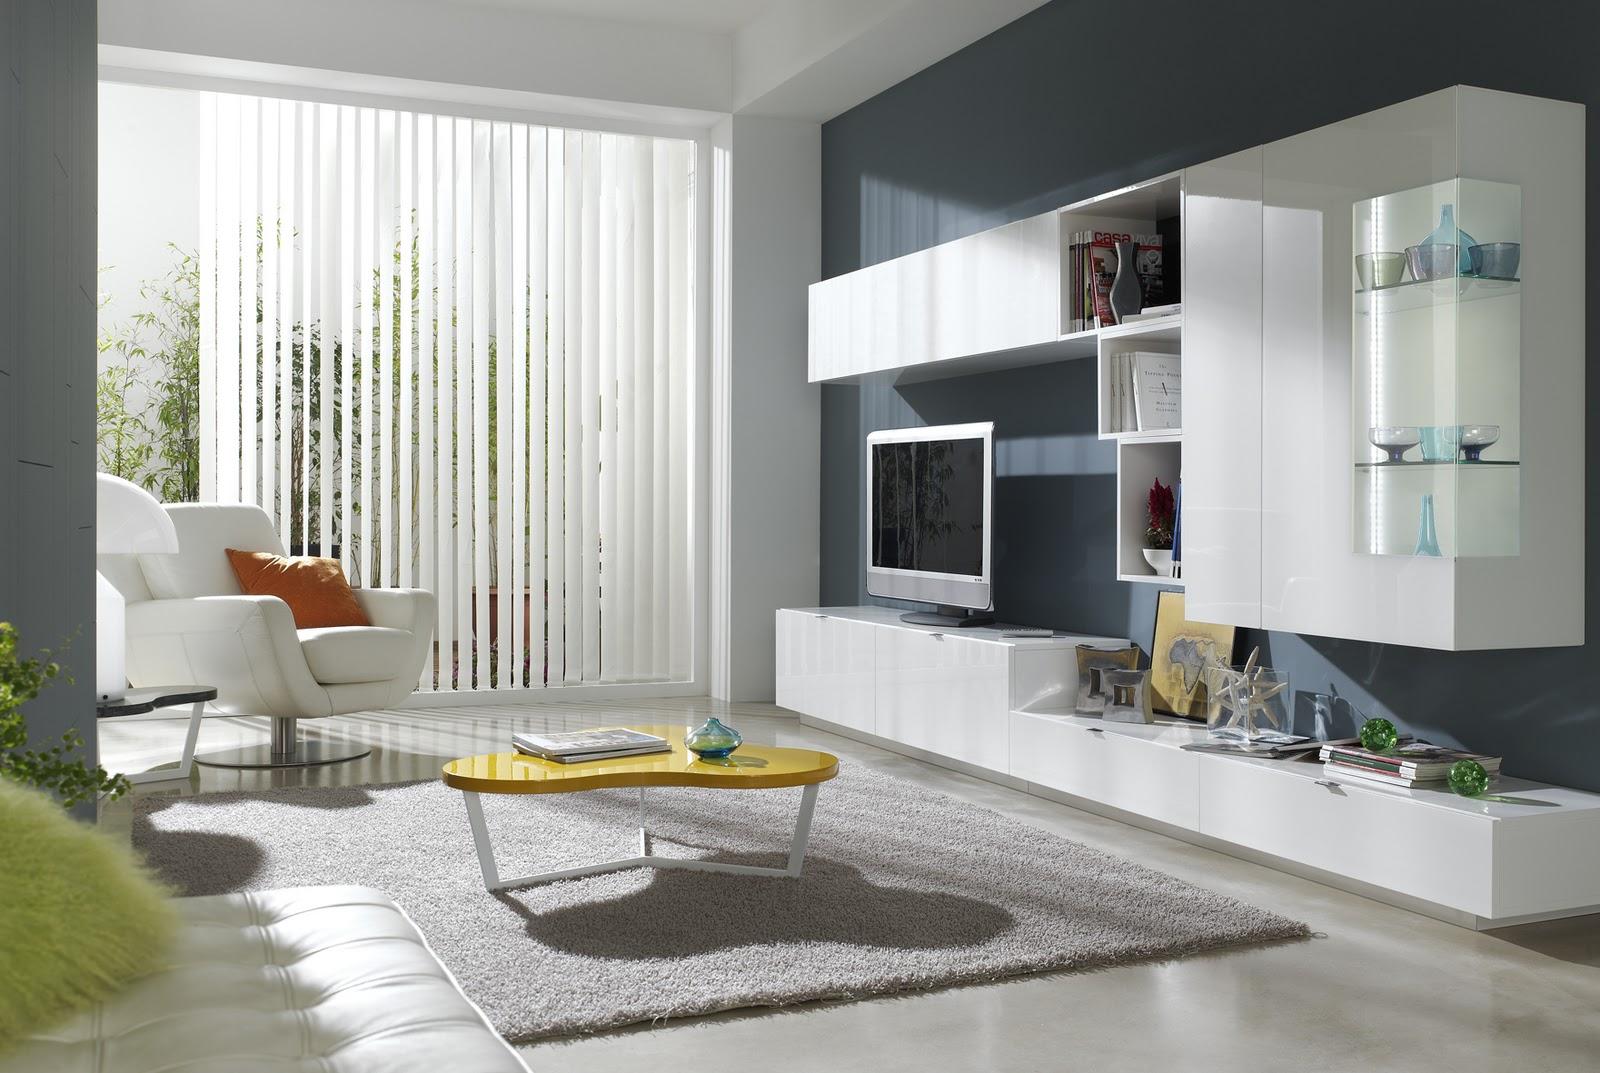 Muebles vazquez decoracion nuevas colecciones mueble moderno - Muebles modernos ...